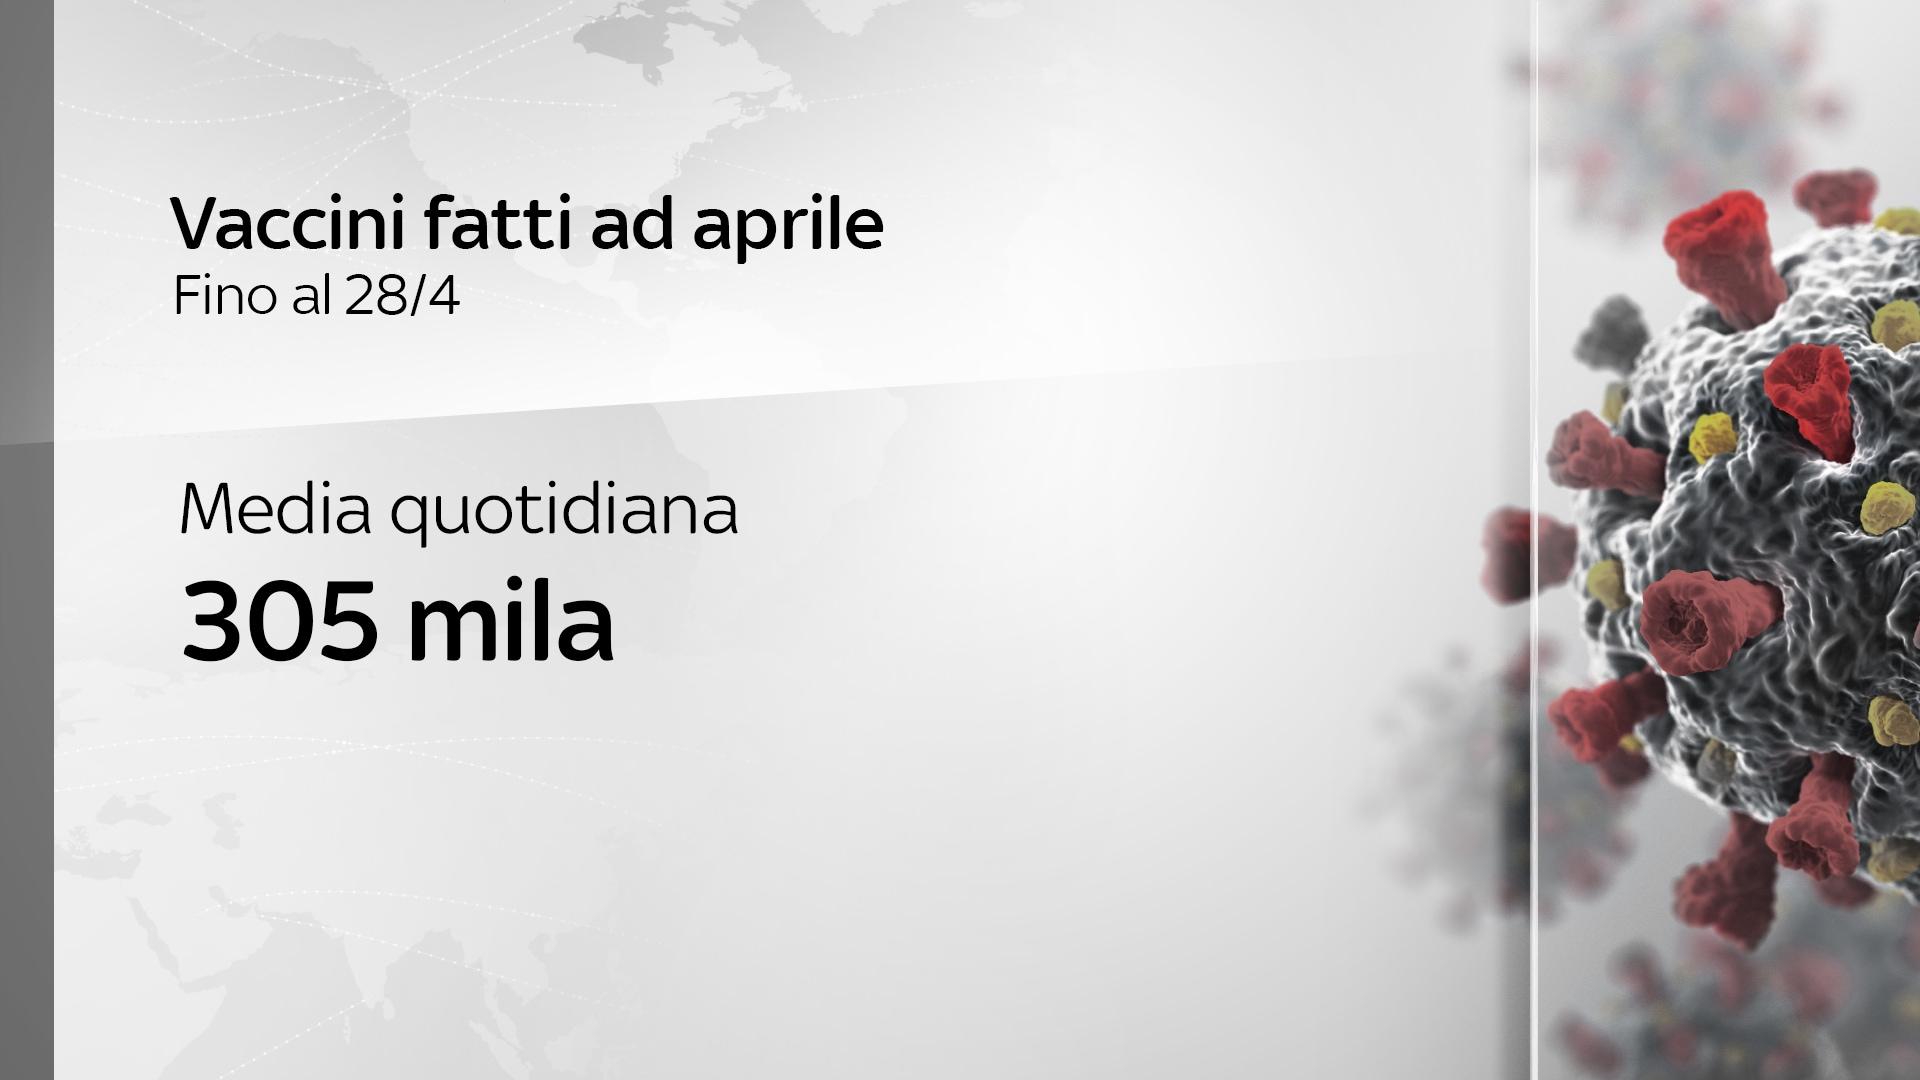 In aprile in Italia la media di vaccini è 305mila al giorno